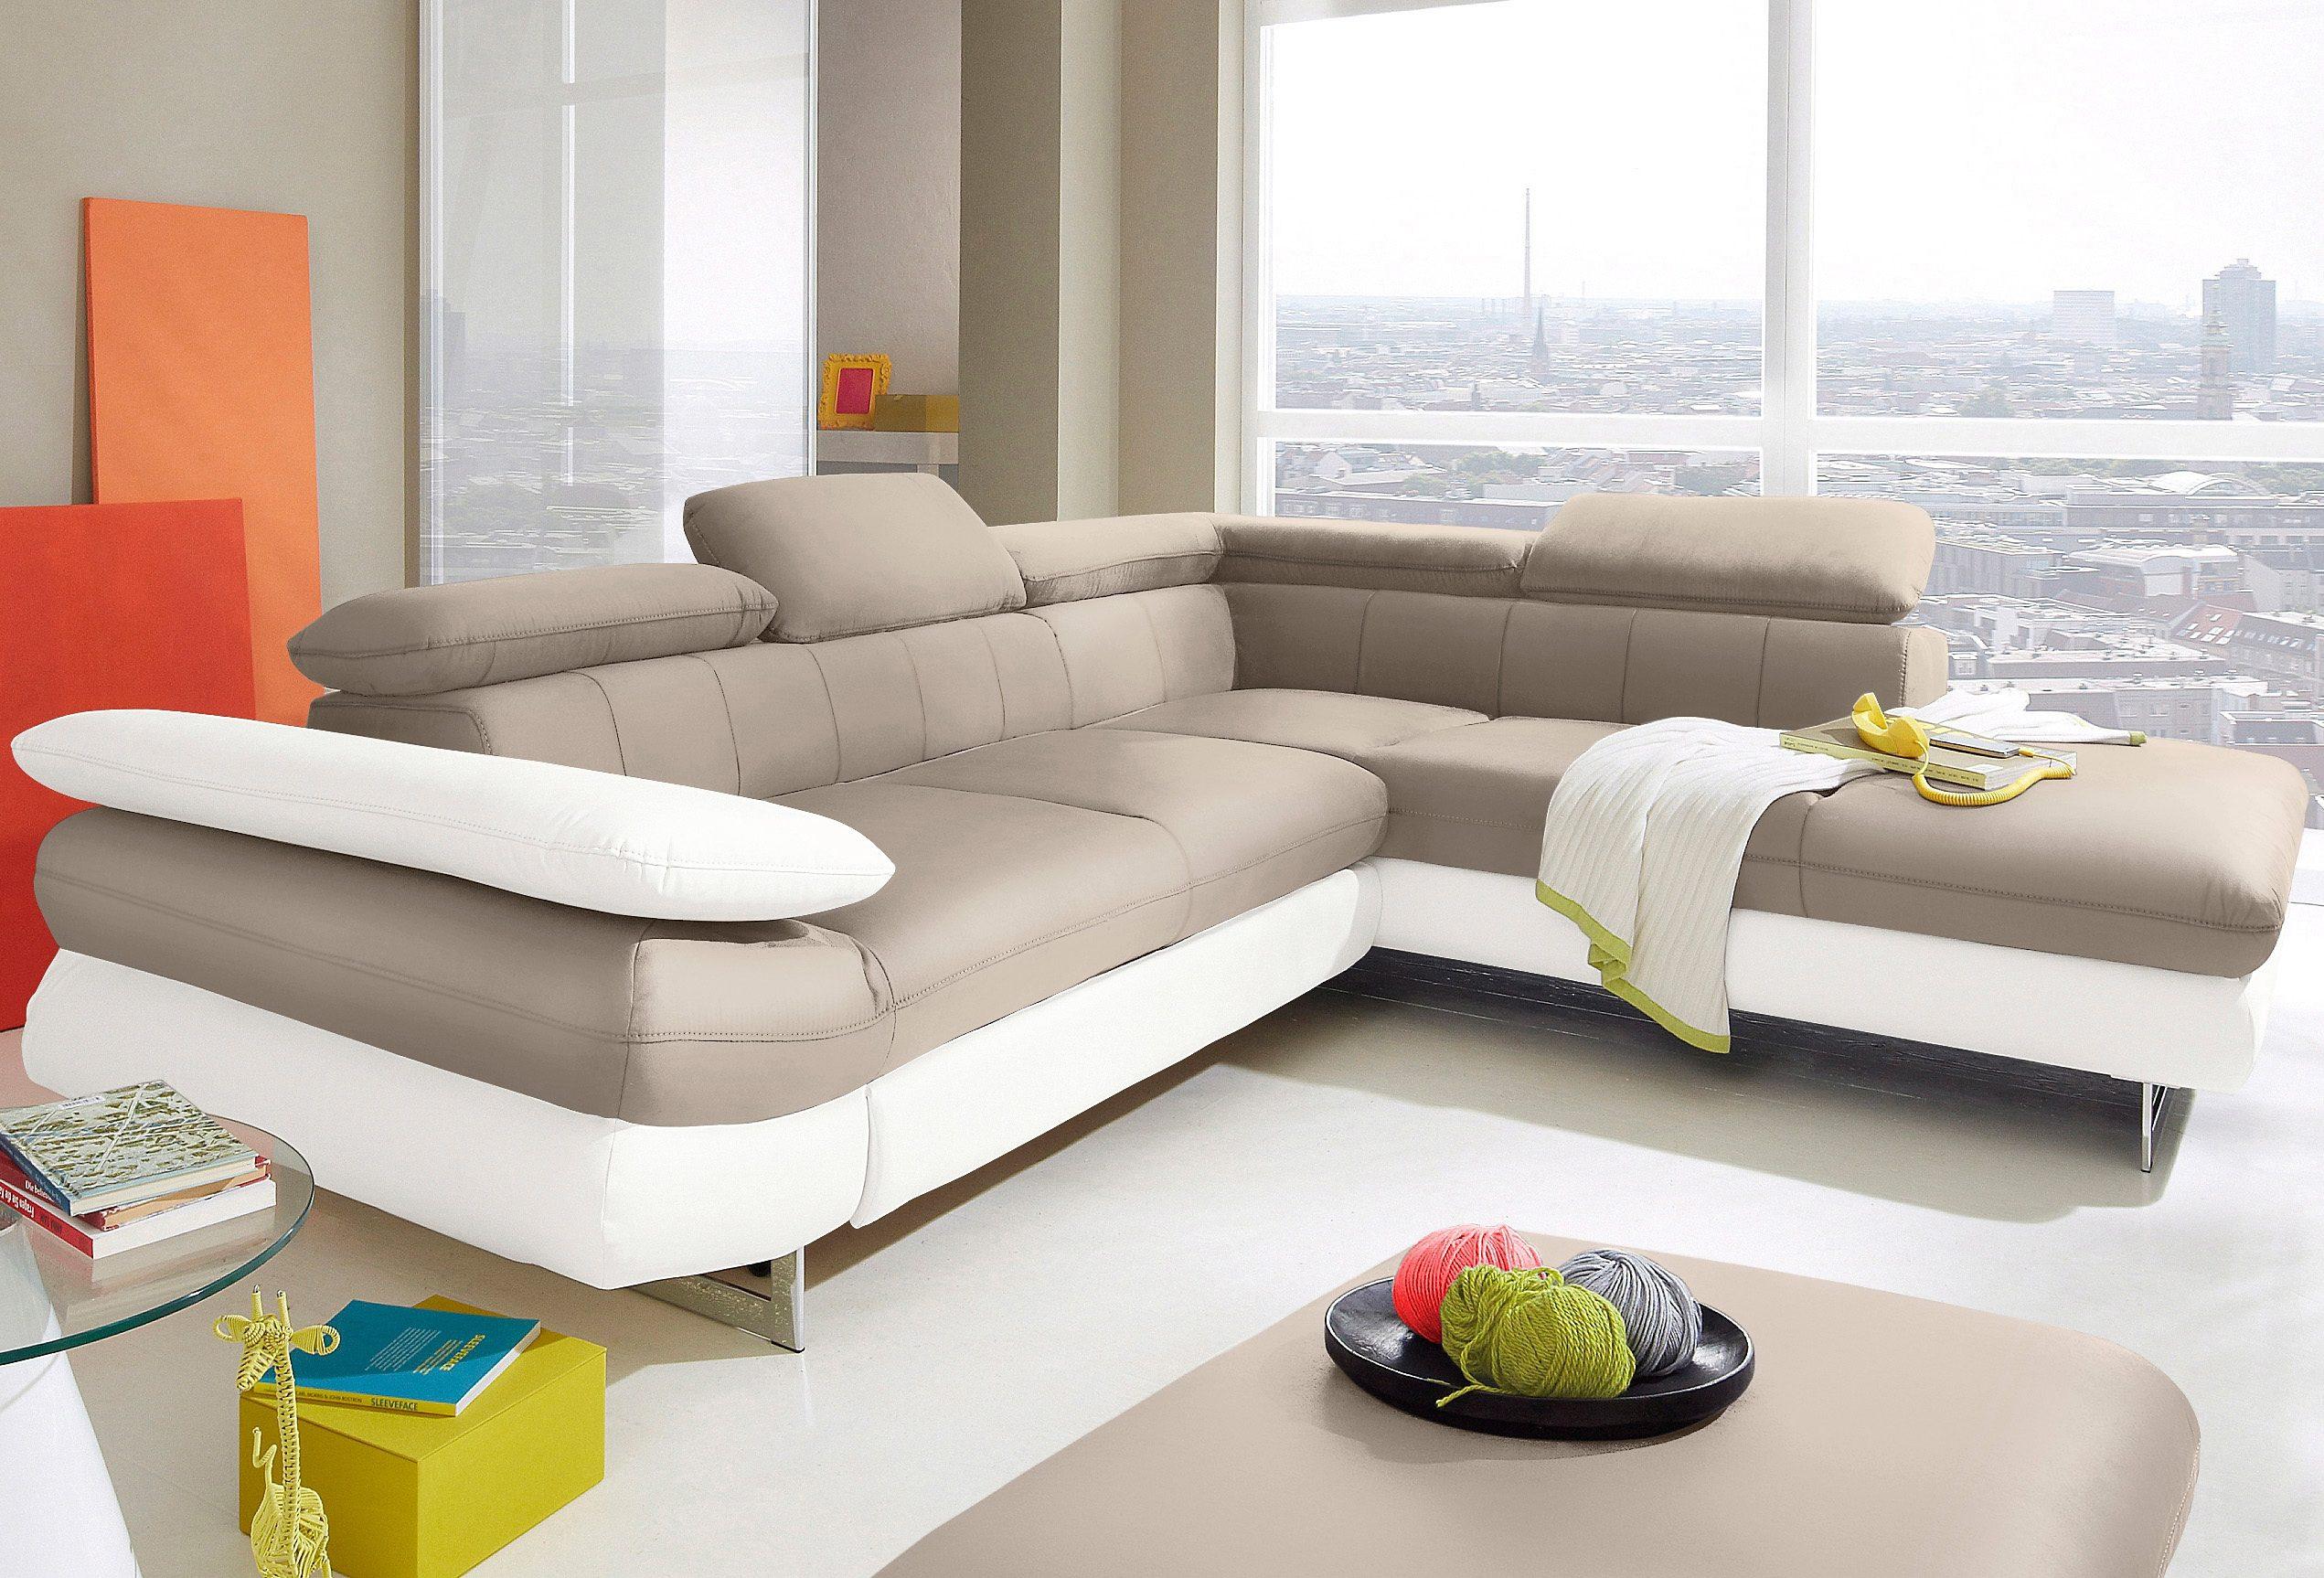 INOSIGN Ecksofa | Wohnzimmer > Sofas & Couches > Ecksofas & Eckcouches | Weiß | Kunstleder - Microfaser | INOSIGN